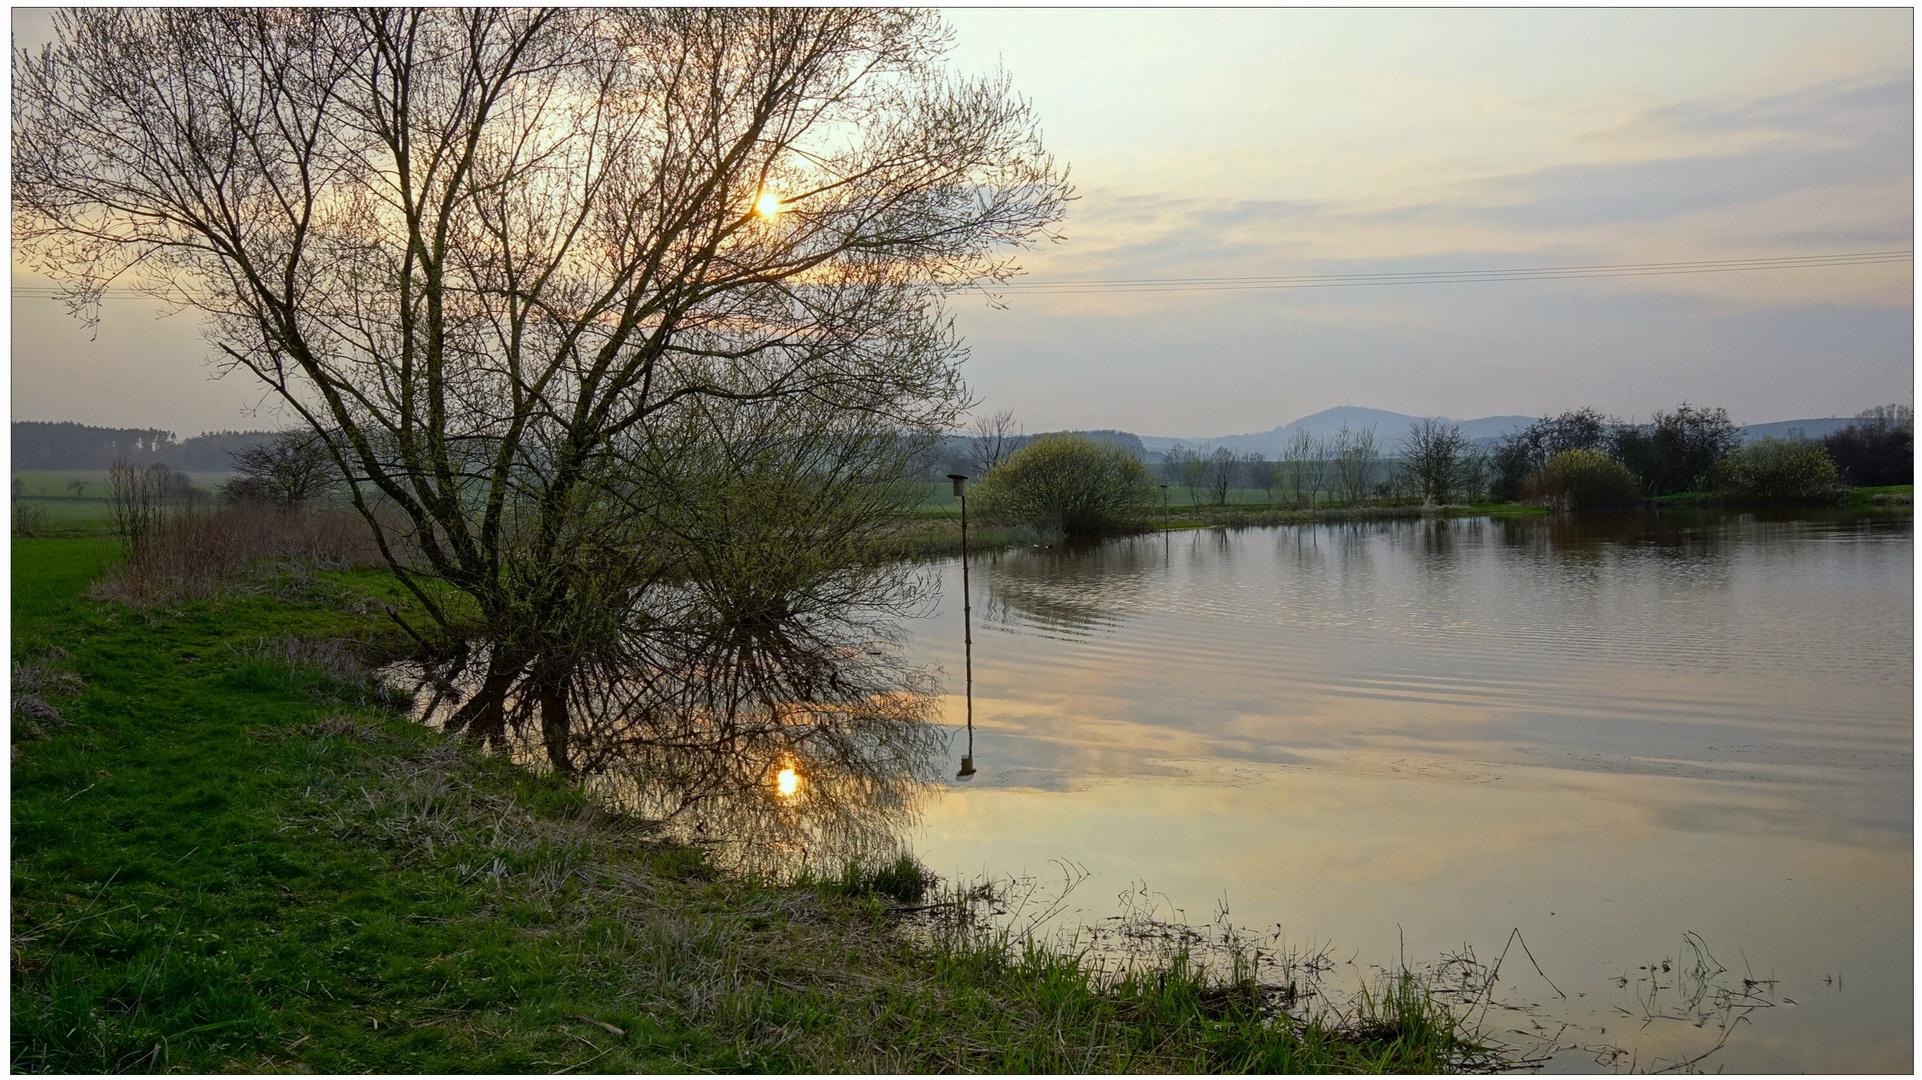 abends am See (por la tarde en el lago)